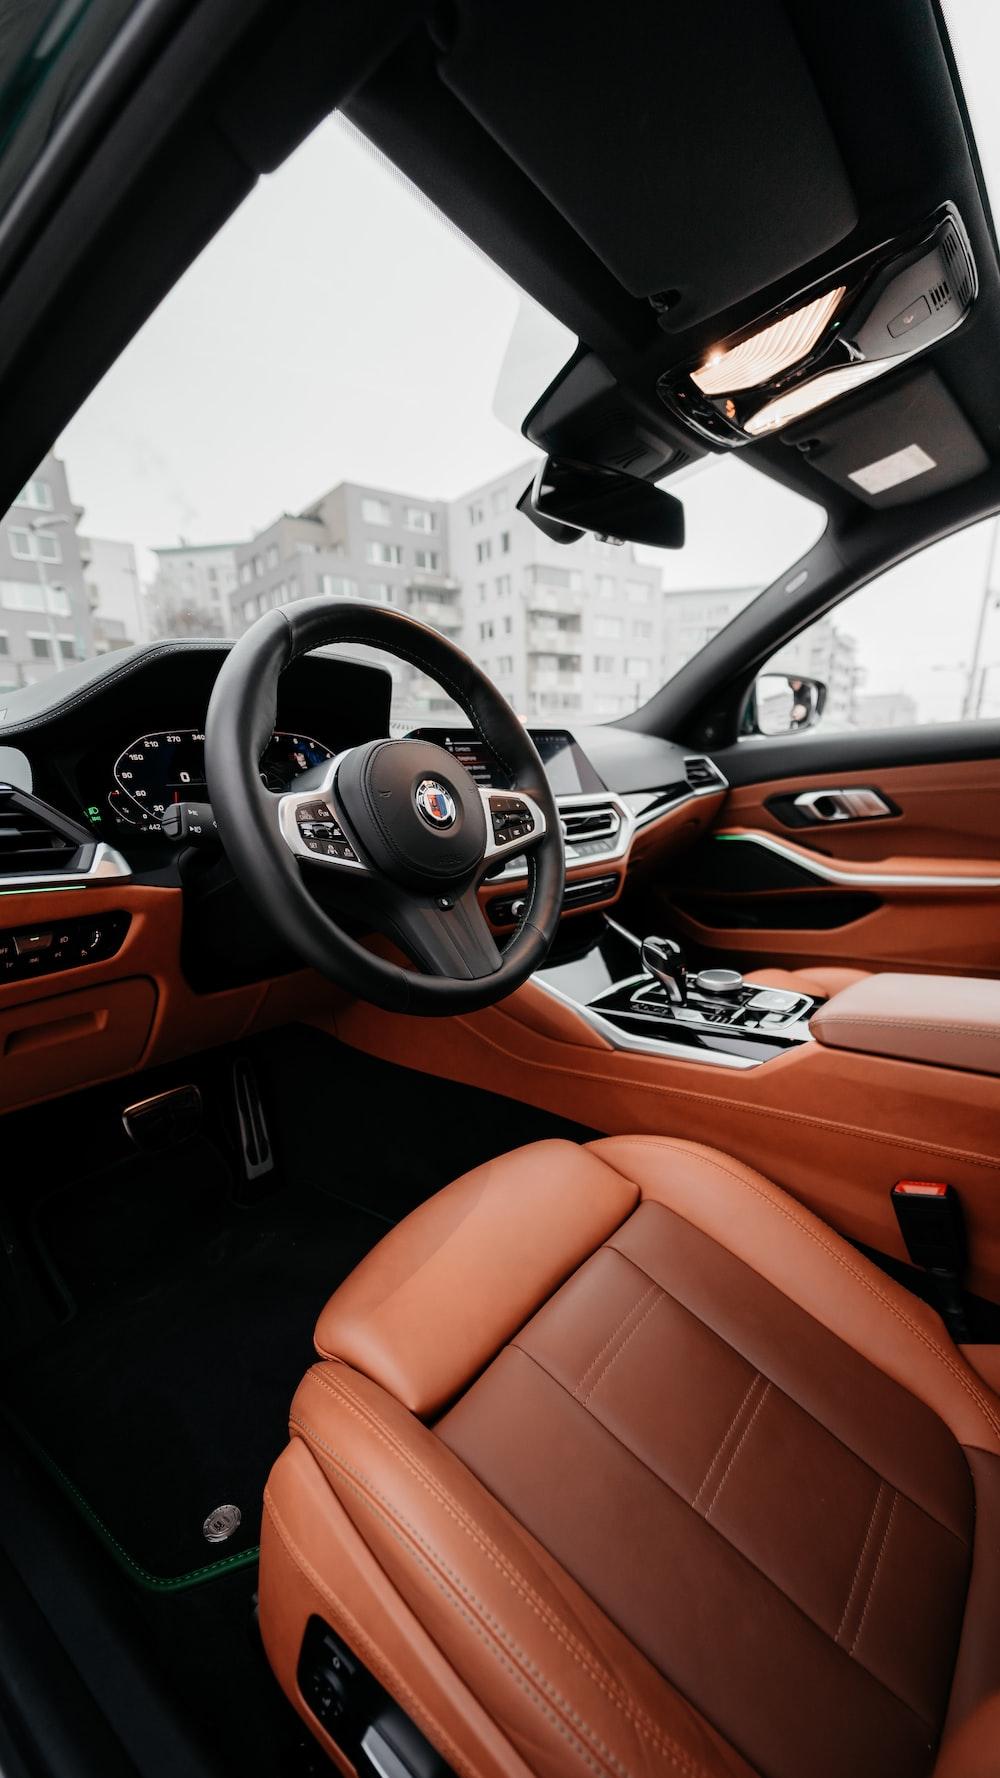 black and orange car interior